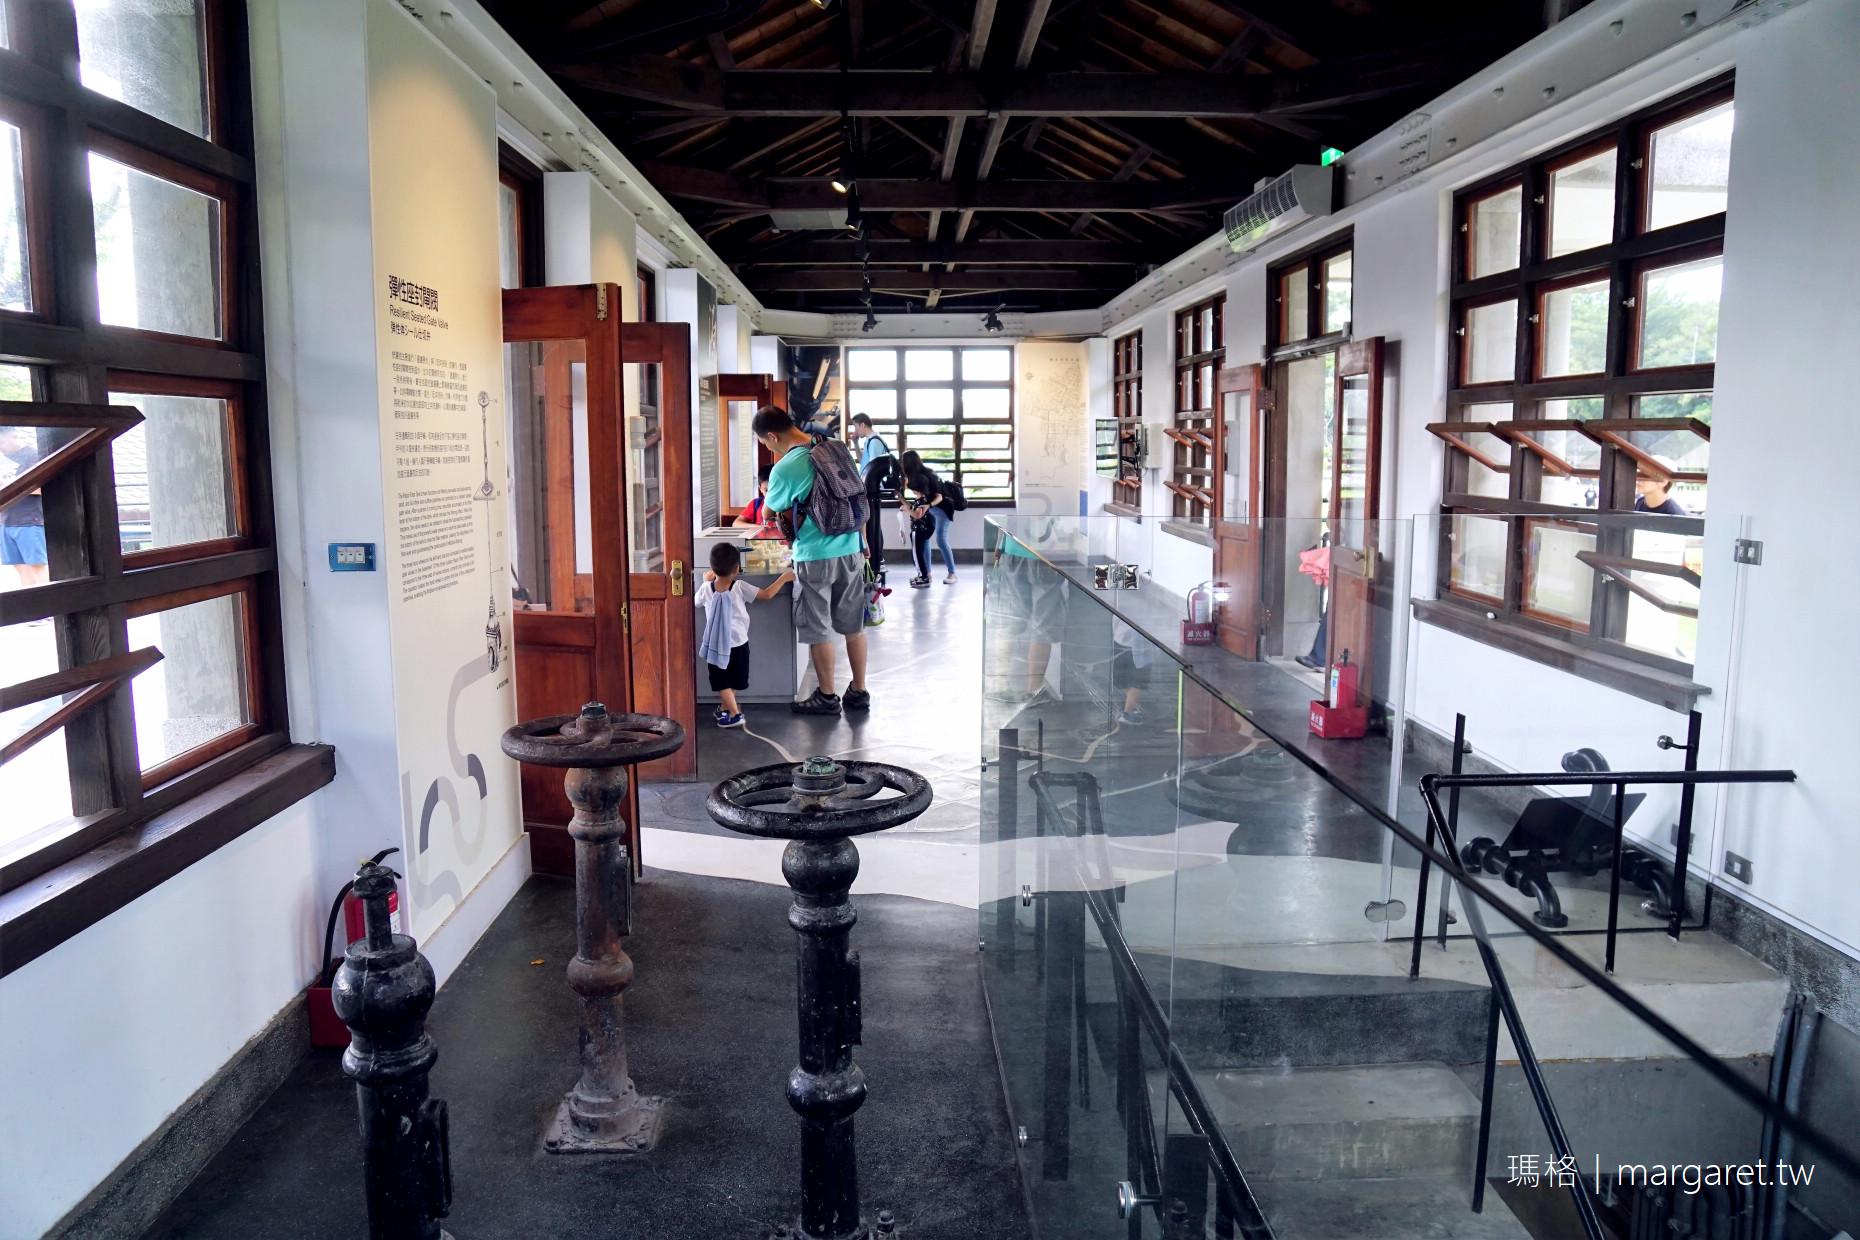 臺南山上花園水道博物館|國定古蹟  x 自然樂園 x 藝術裝置|網路預訂門票打9折